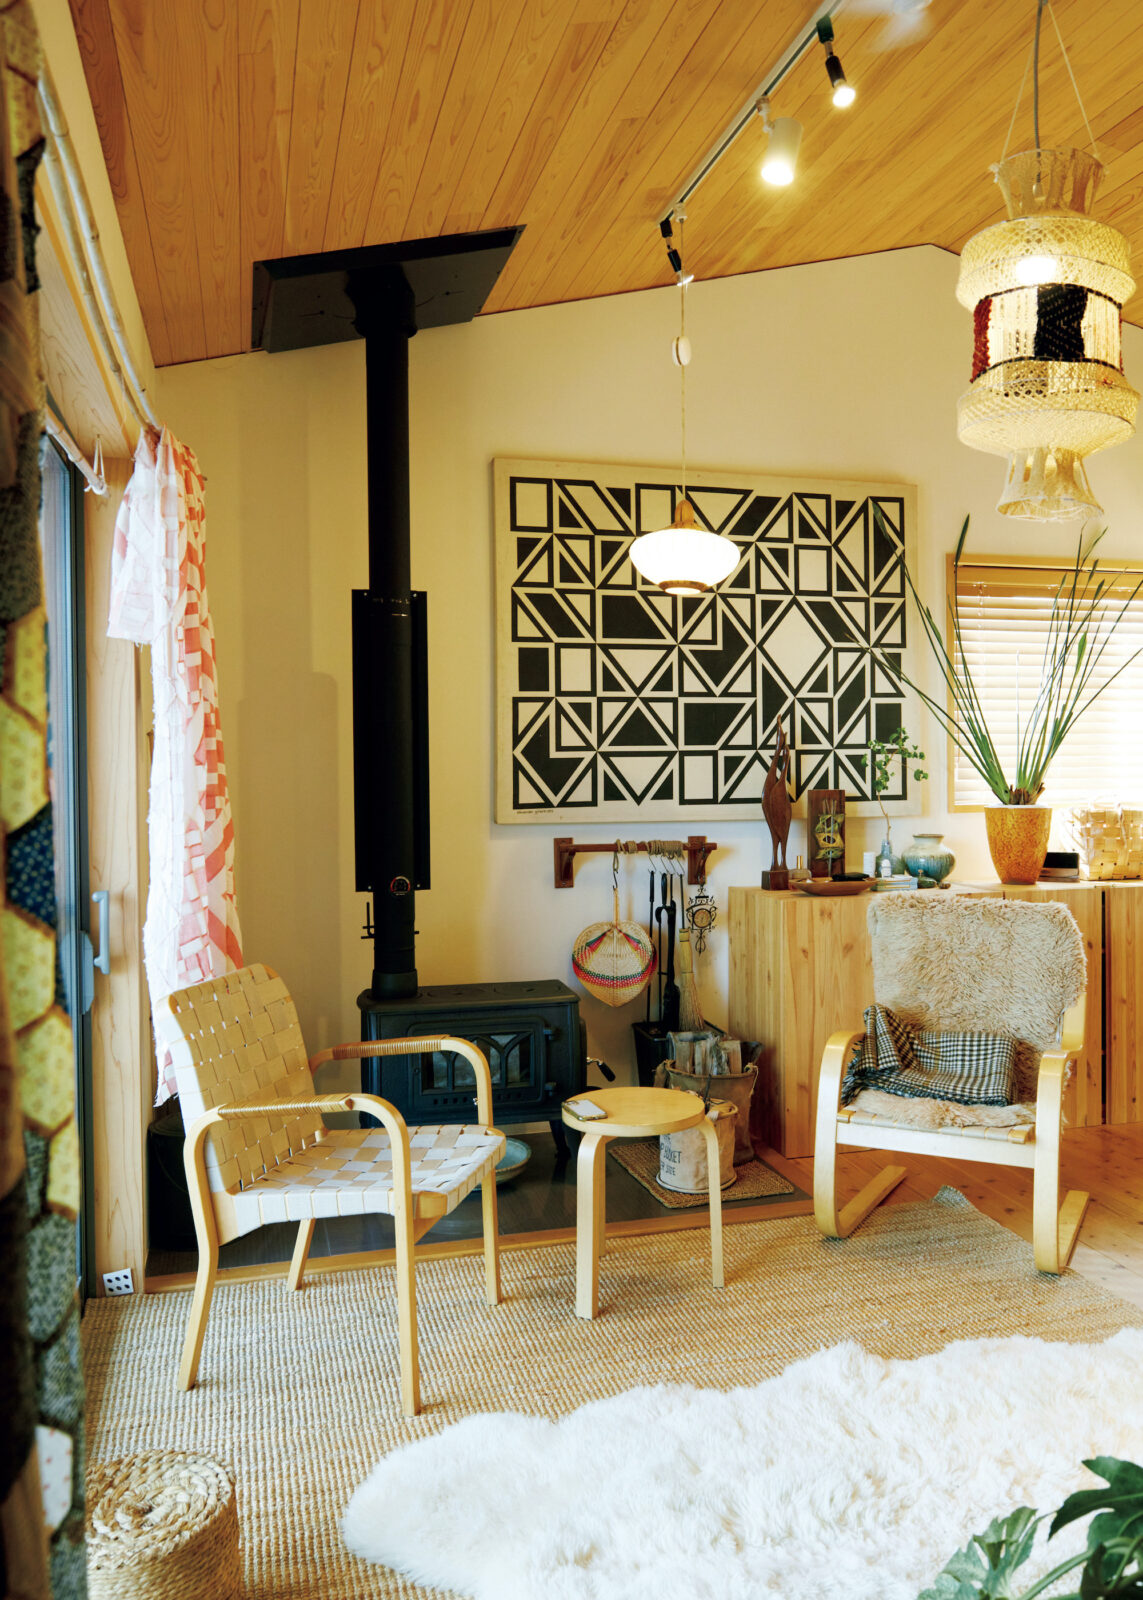 カーテンは庭に生えていた竹に、ヴィンテージのキルトをかけて設えた。壁の絵は名古屋のインテリアショップ〈パームスプリングス〉で購入したアレキサンダー・ジラード。